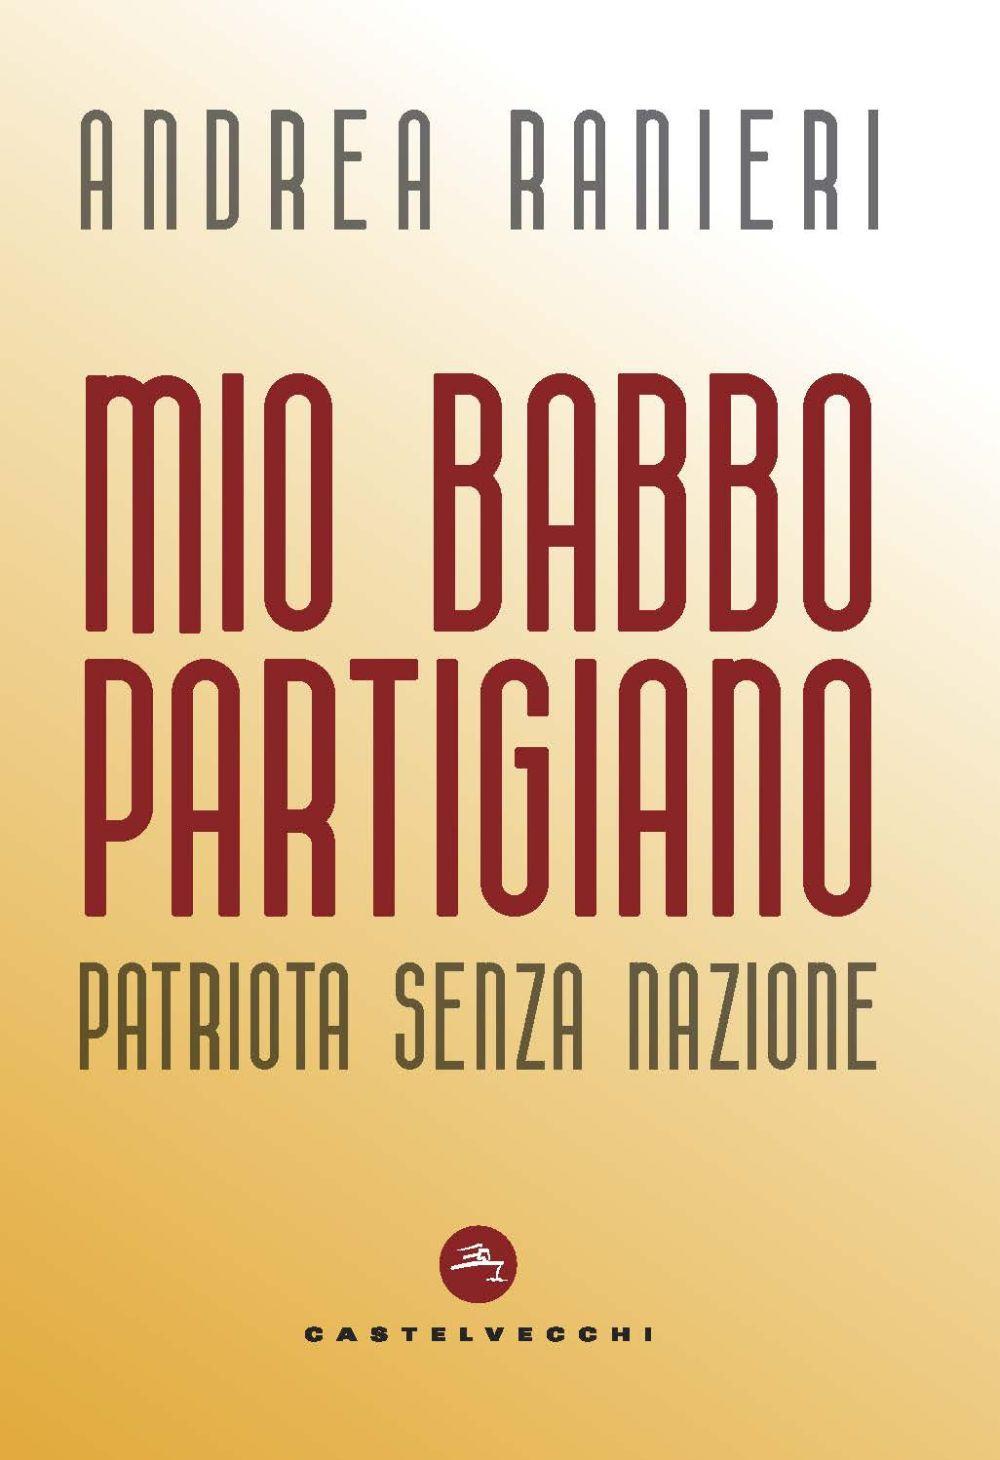 MIO BABBO PARTIGIANO. PATRIOTA SENZA NAZIONE - 9788832900484